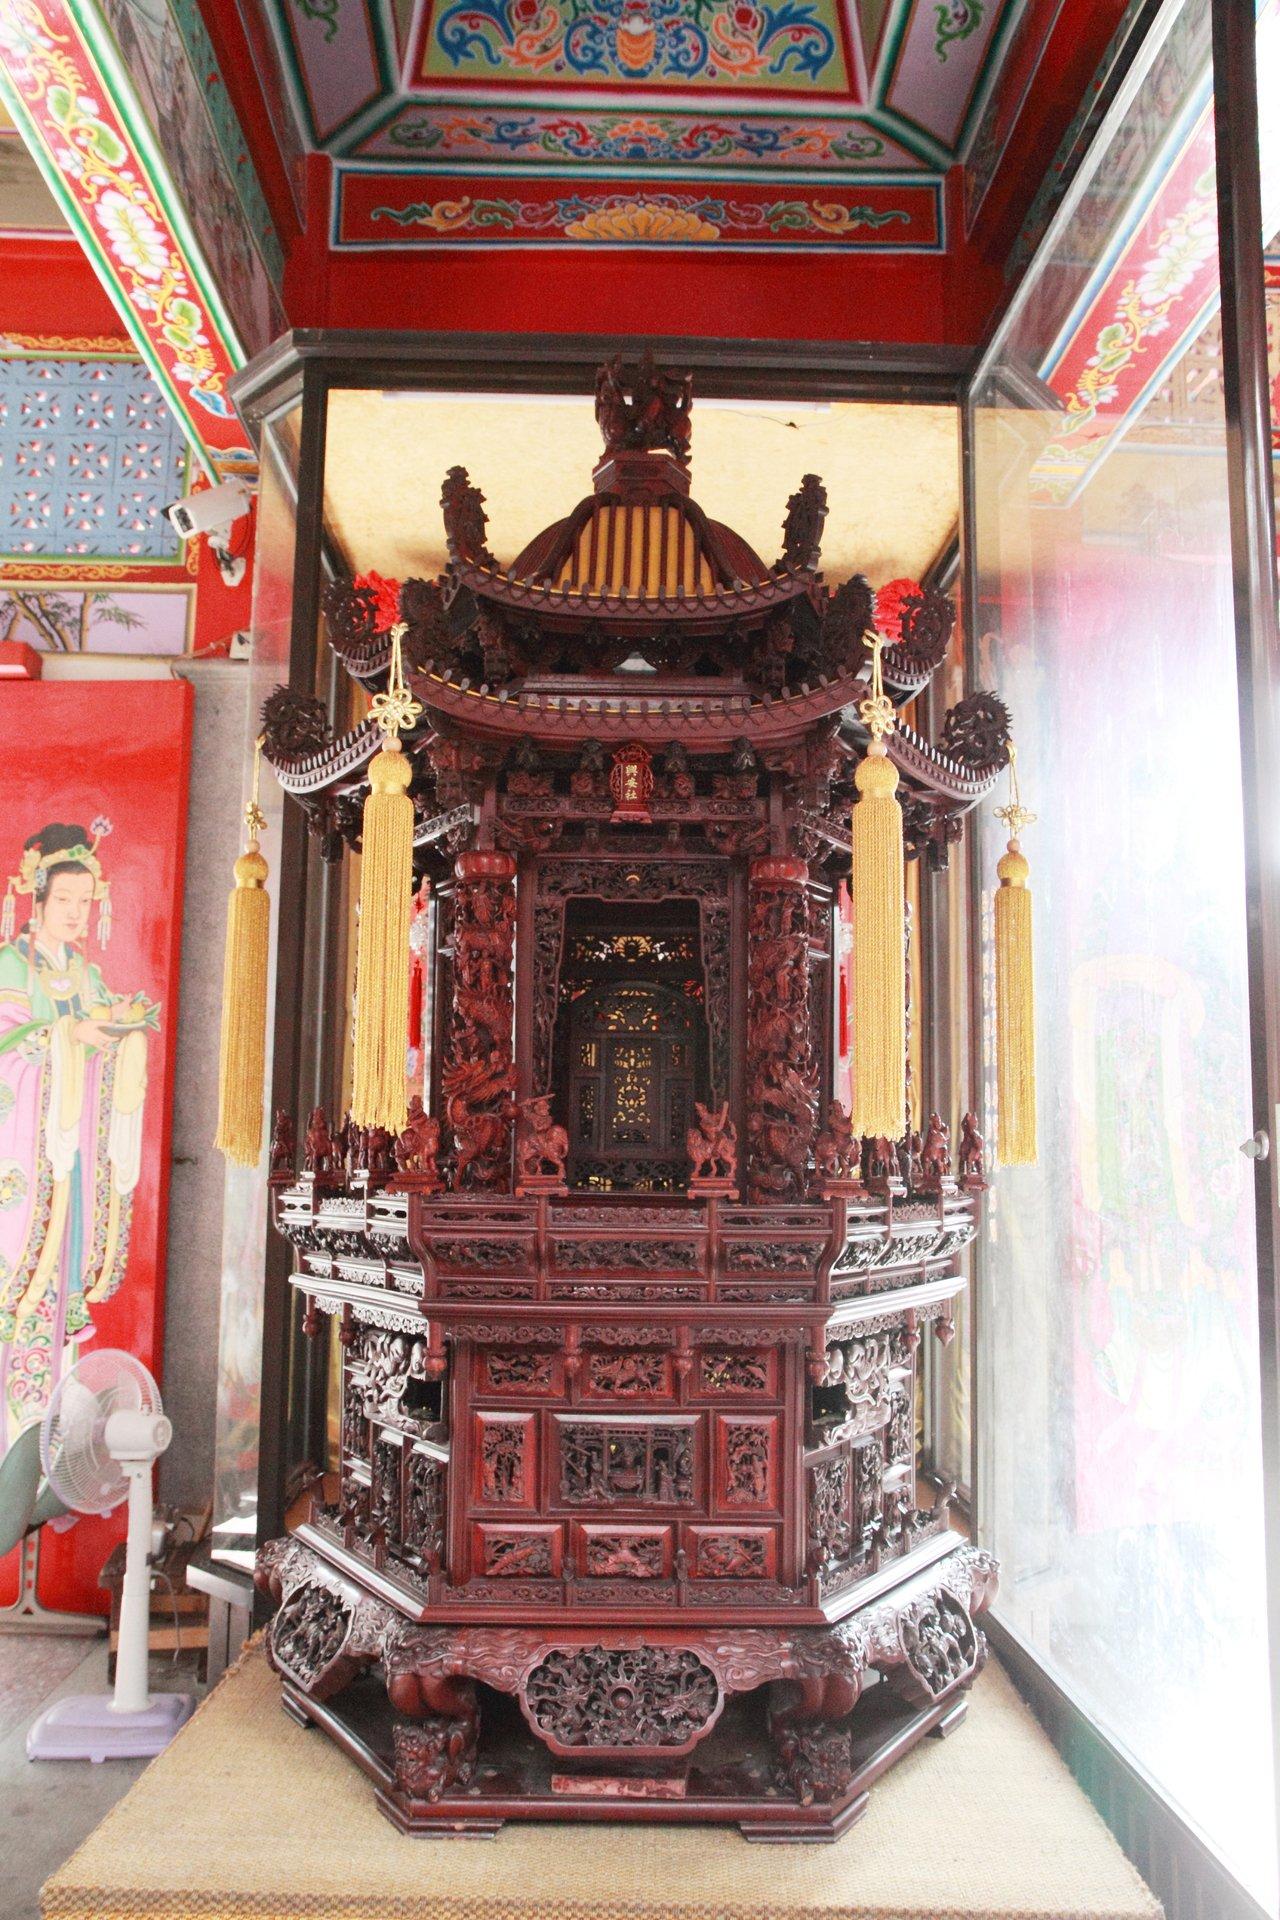 許澤南製作的桃園木雕神轎。圖/興安社提供